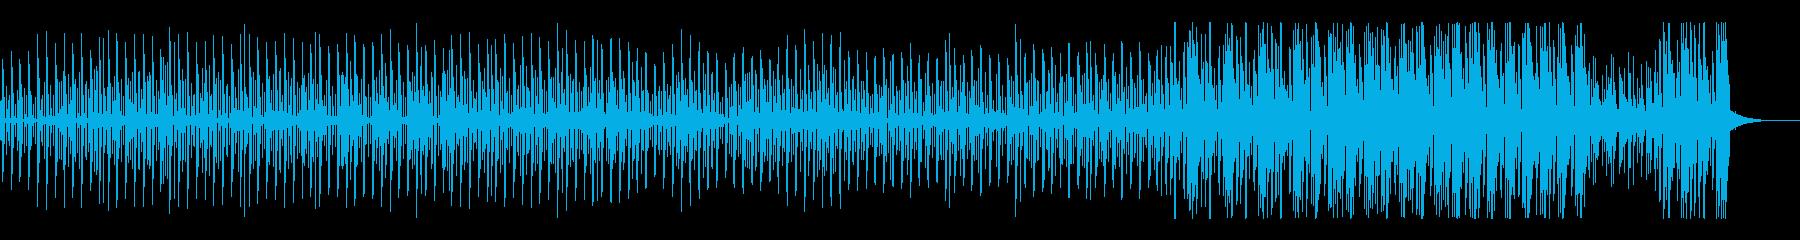 木琴・ボンゴのとにかく不思議なほのぼのの再生済みの波形